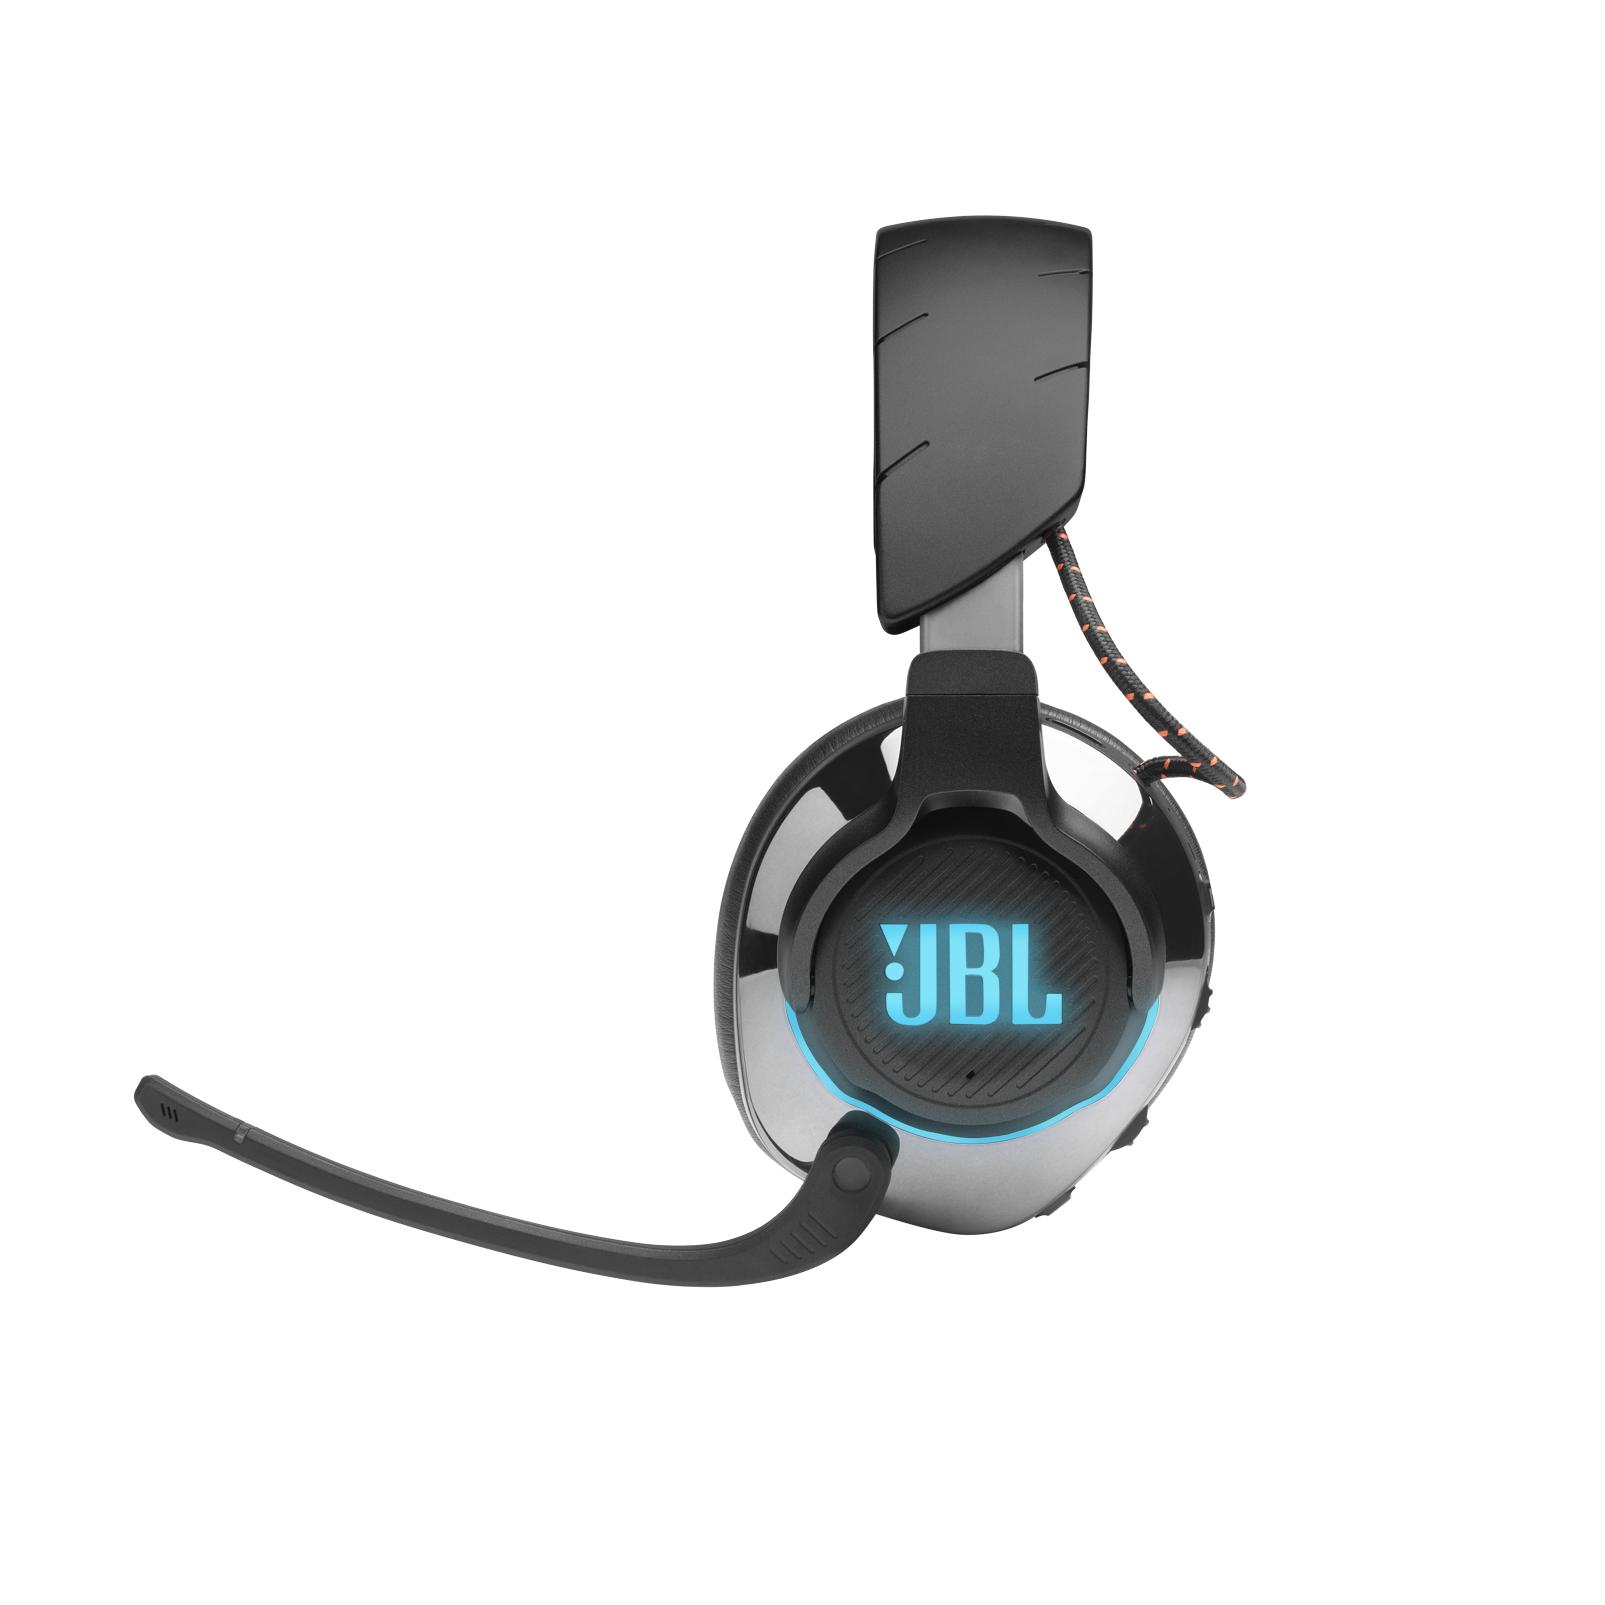 Безжични геймърски слушалки JBL Quantum 800 Black-3